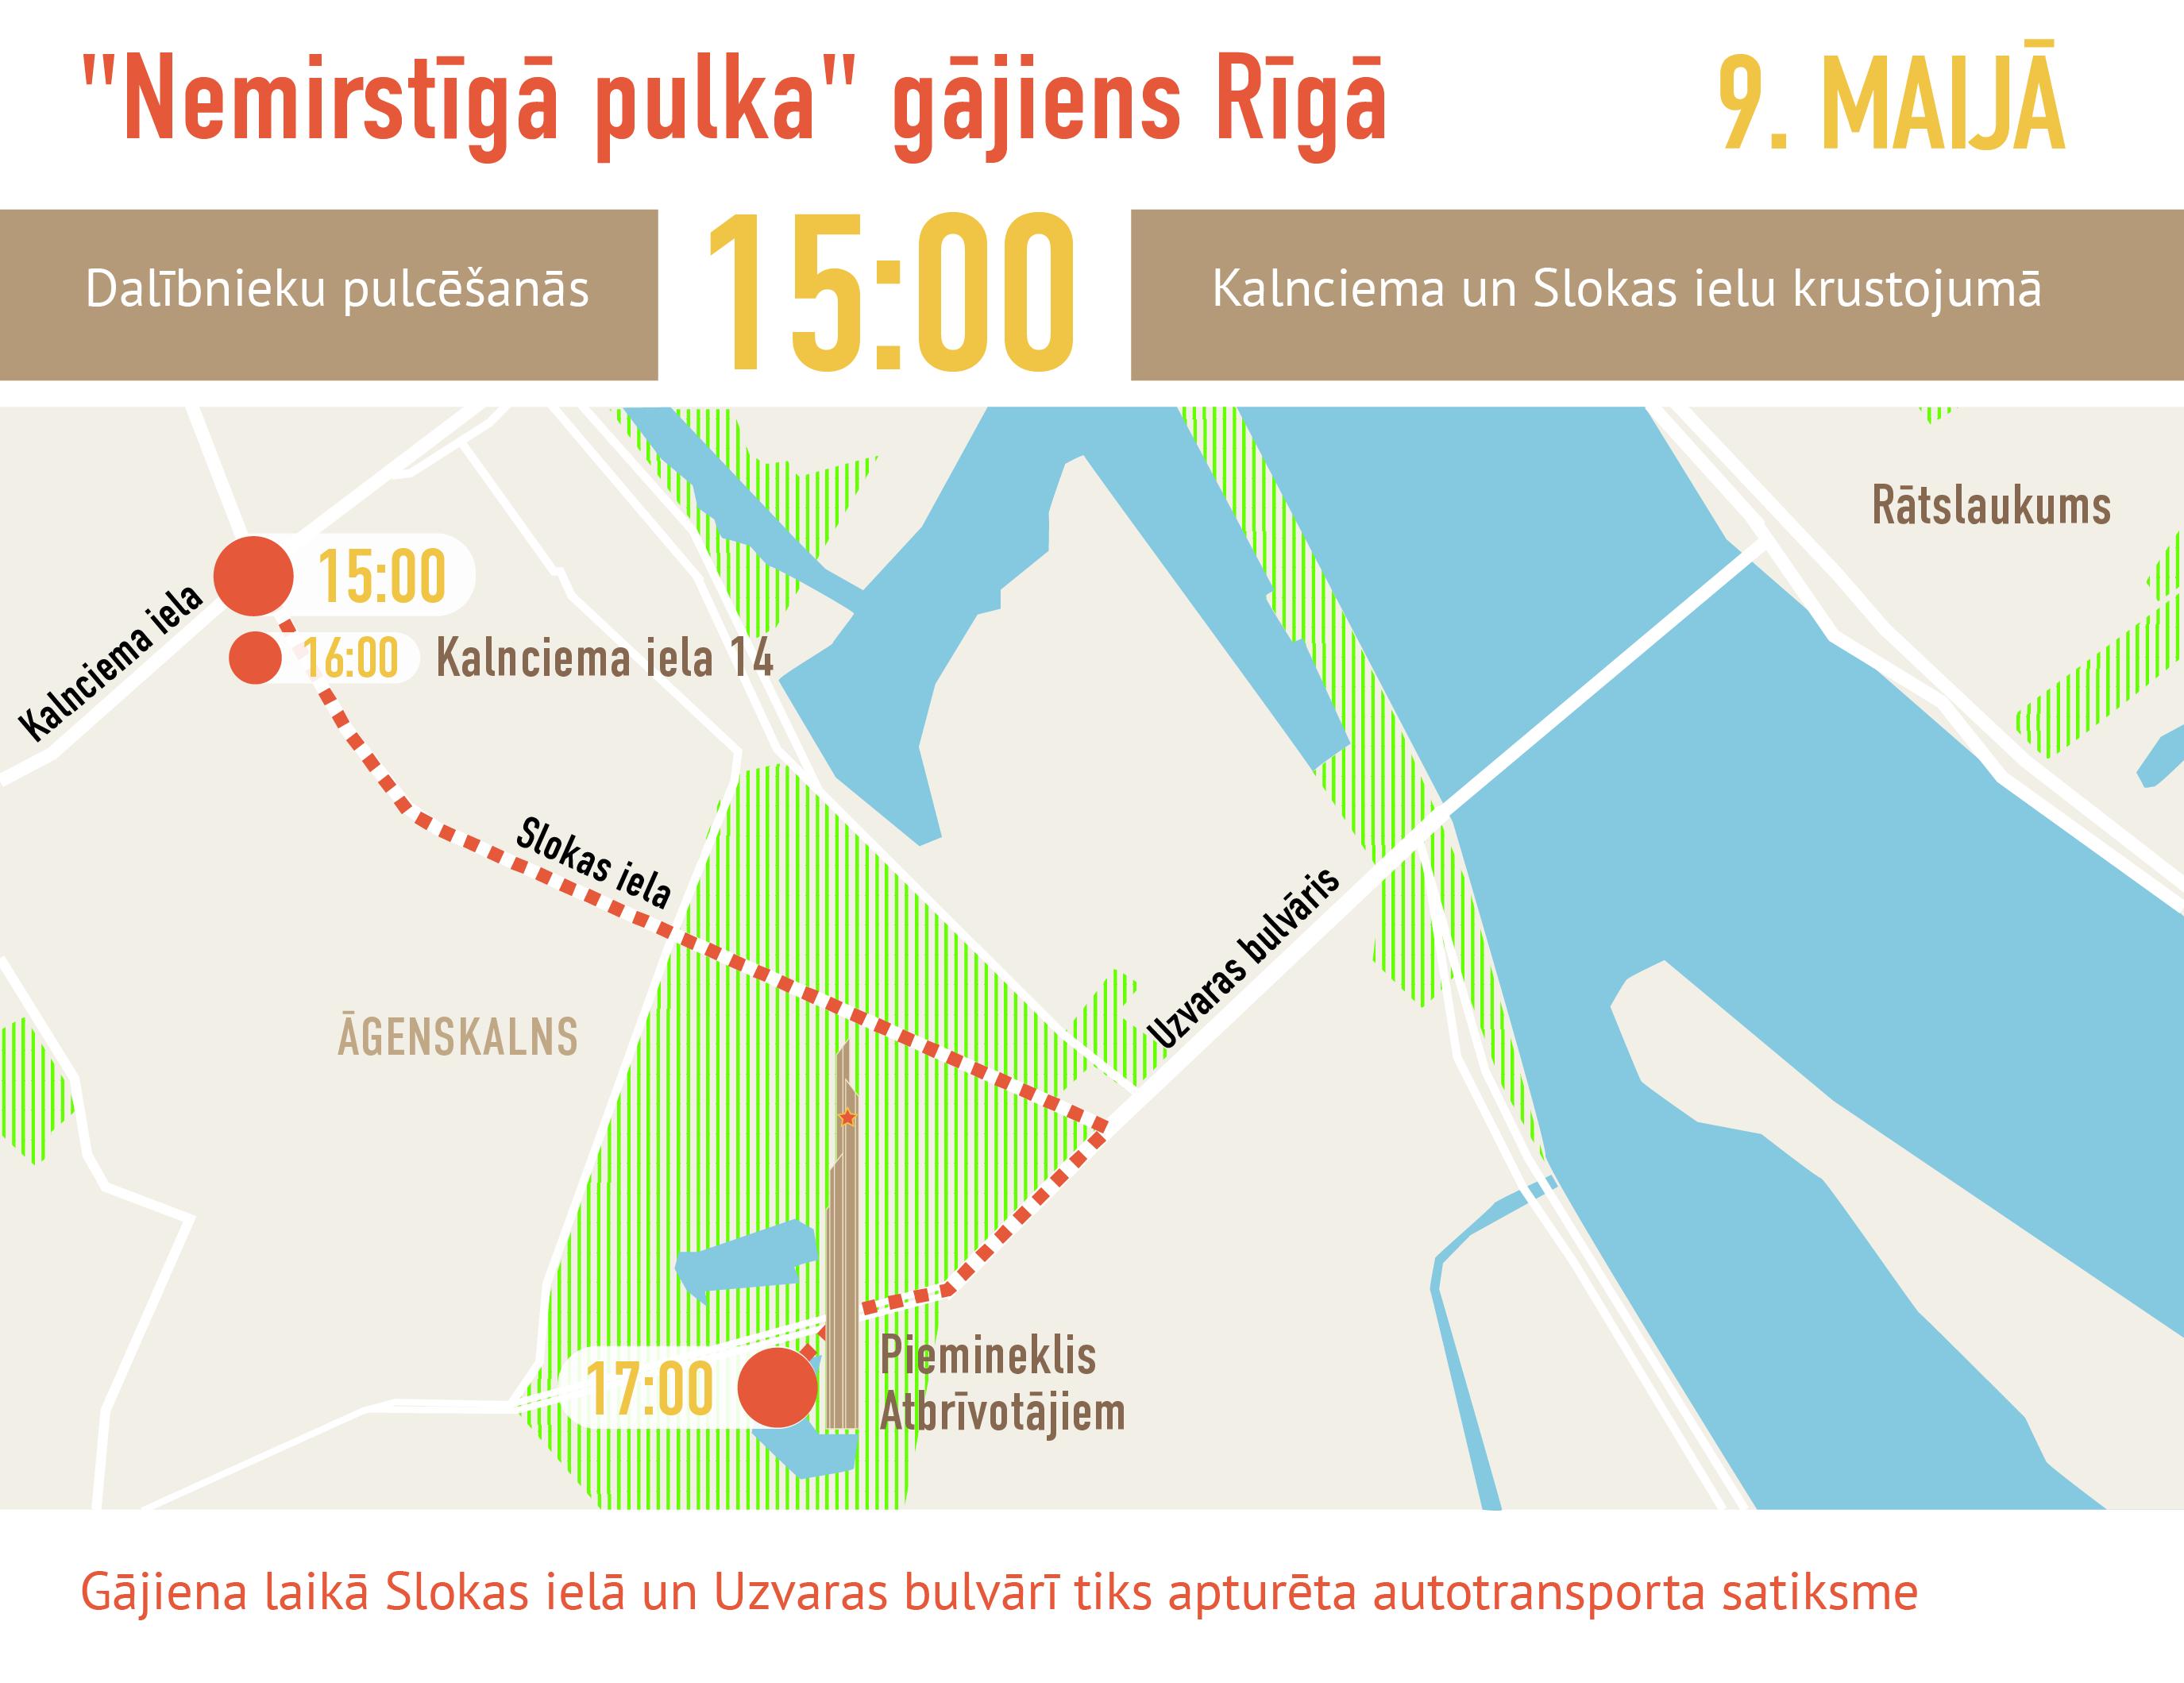 Nemirstīgā pulka gājiens Rīgā